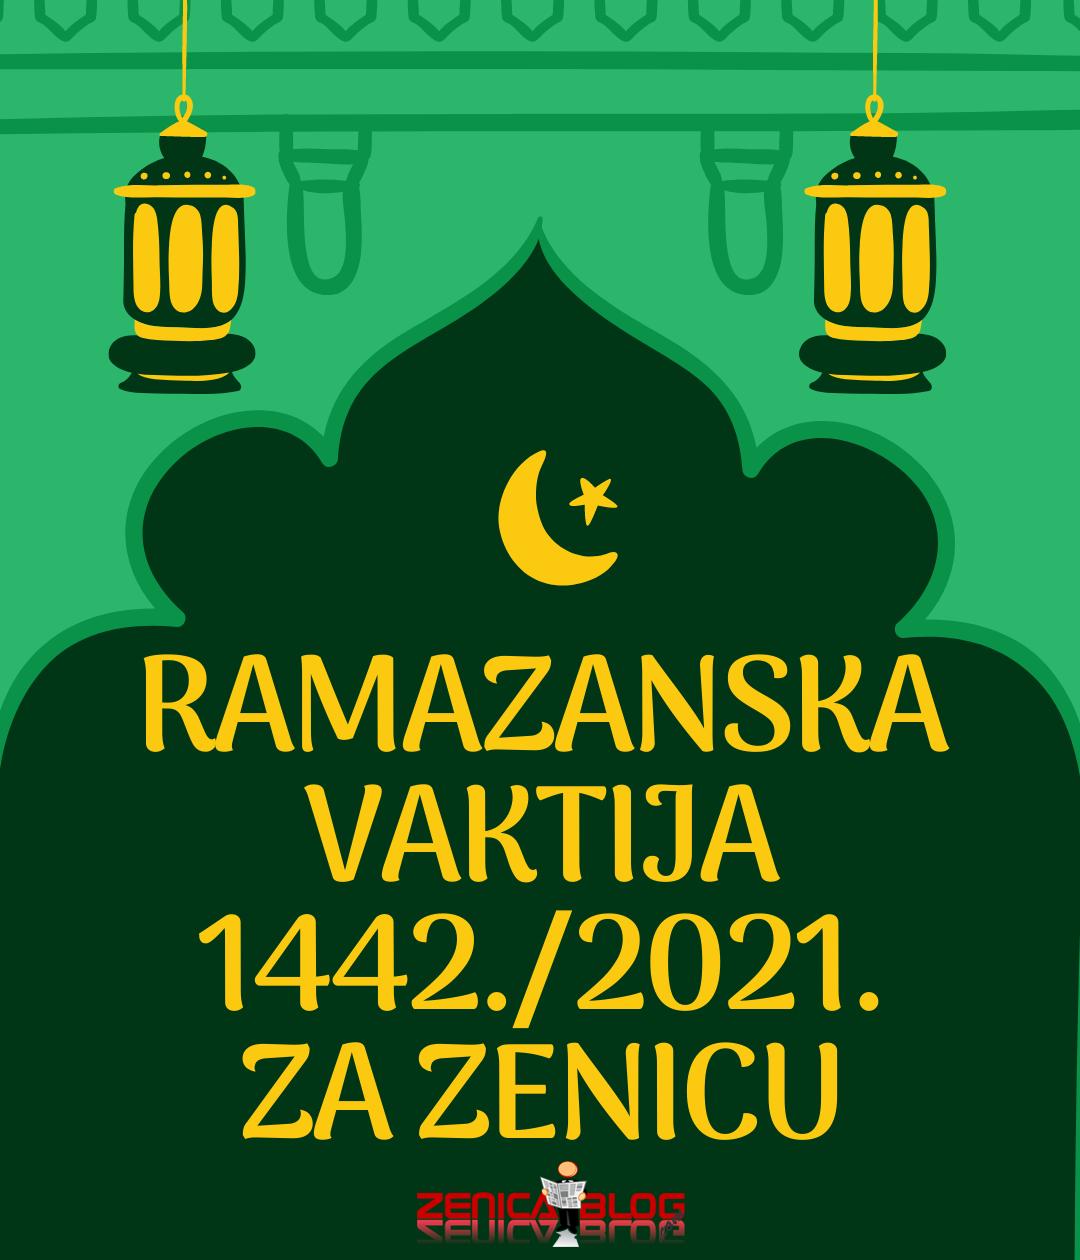 baner-ramazanska-vaktija-1.png